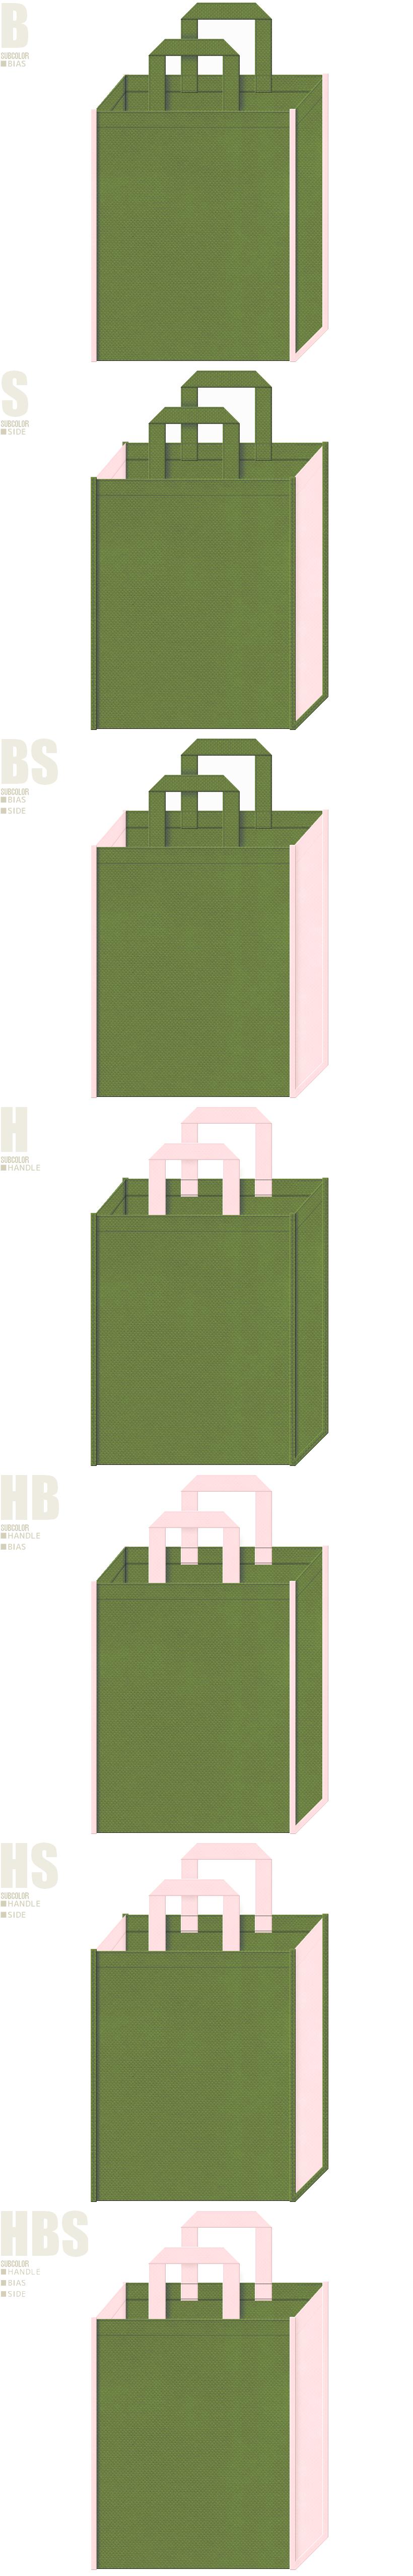 絵本・昔話・ももたろう・桜餅・三色団子・抹茶・和菓子・和風催事にお奨めの不織布バッグデザイン:草色と桜色の配色7パターン